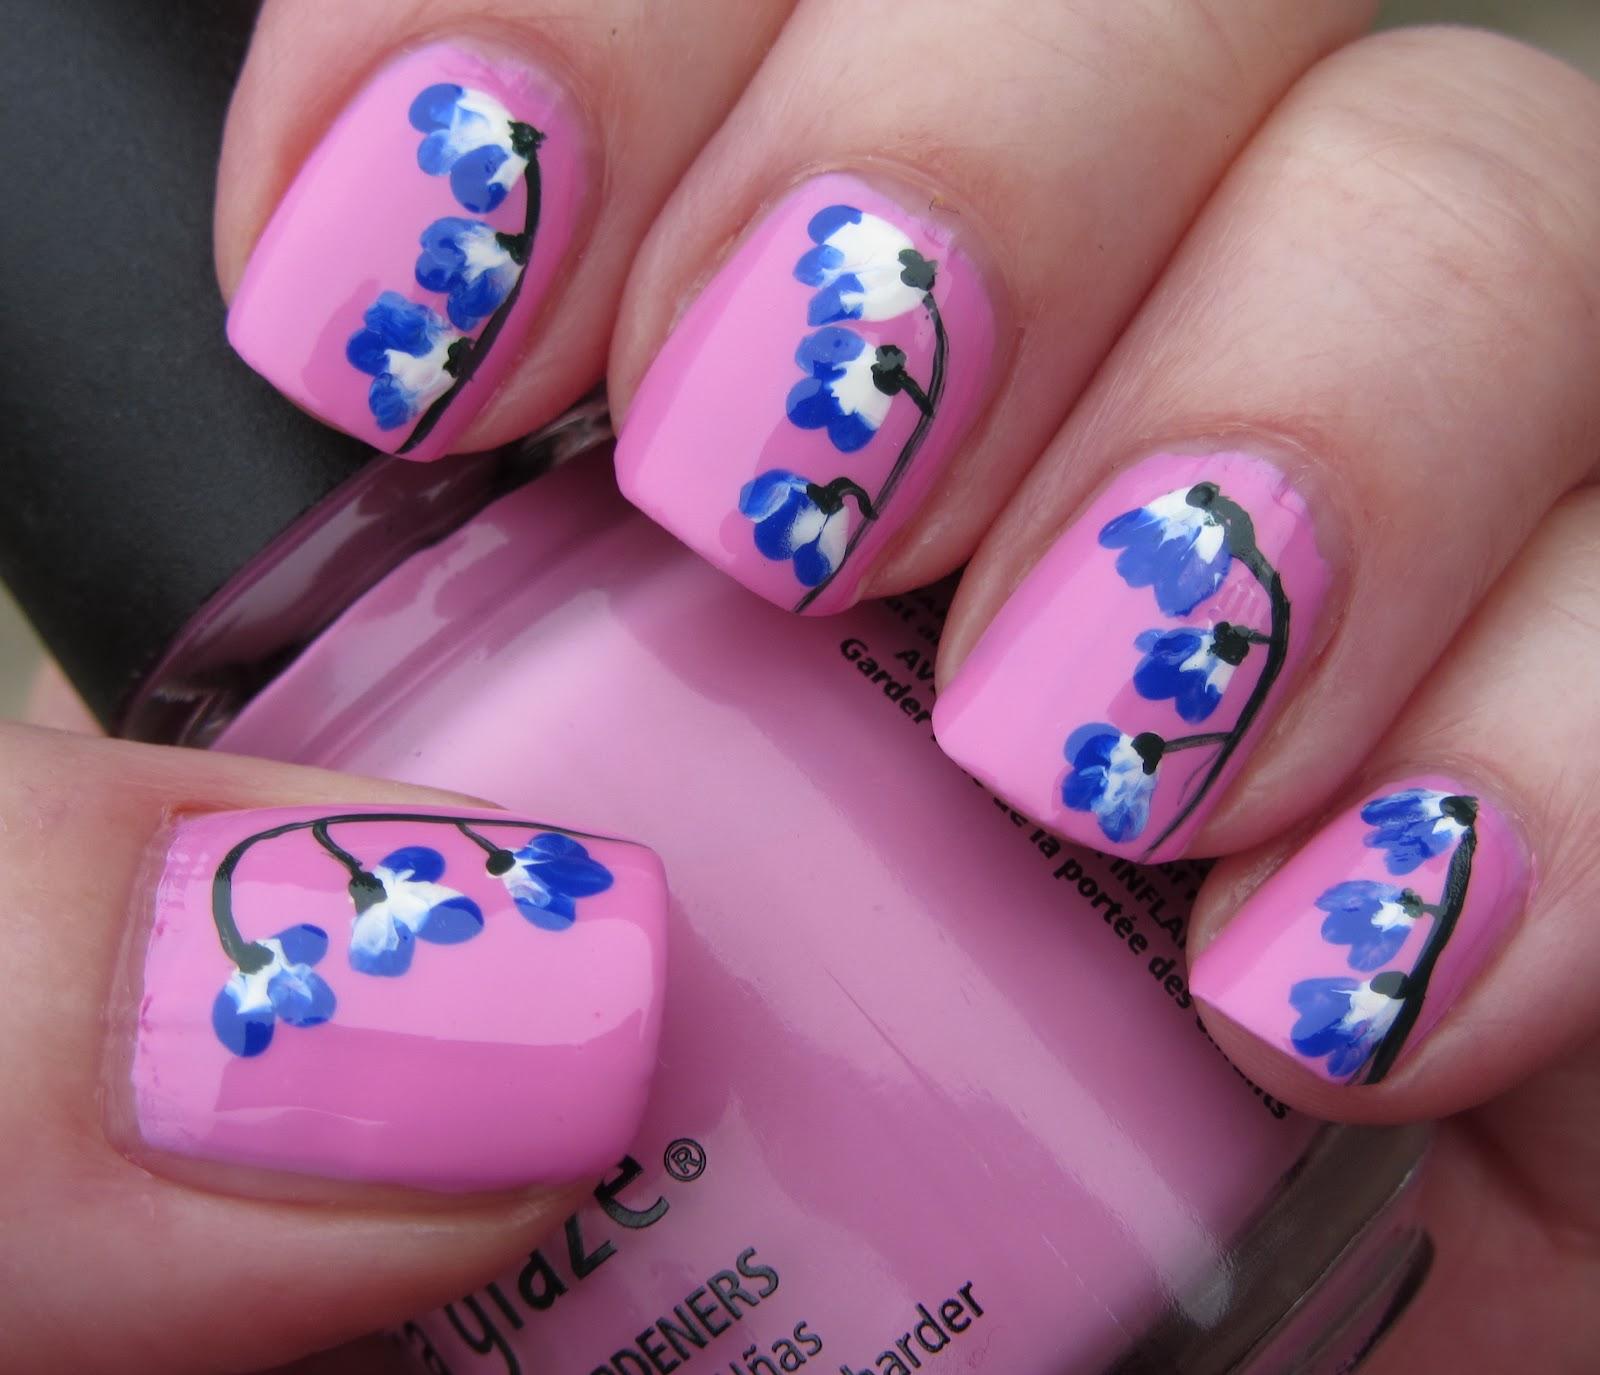 Marias Nail Art And Polish Blog: Pink Warning: Hanging